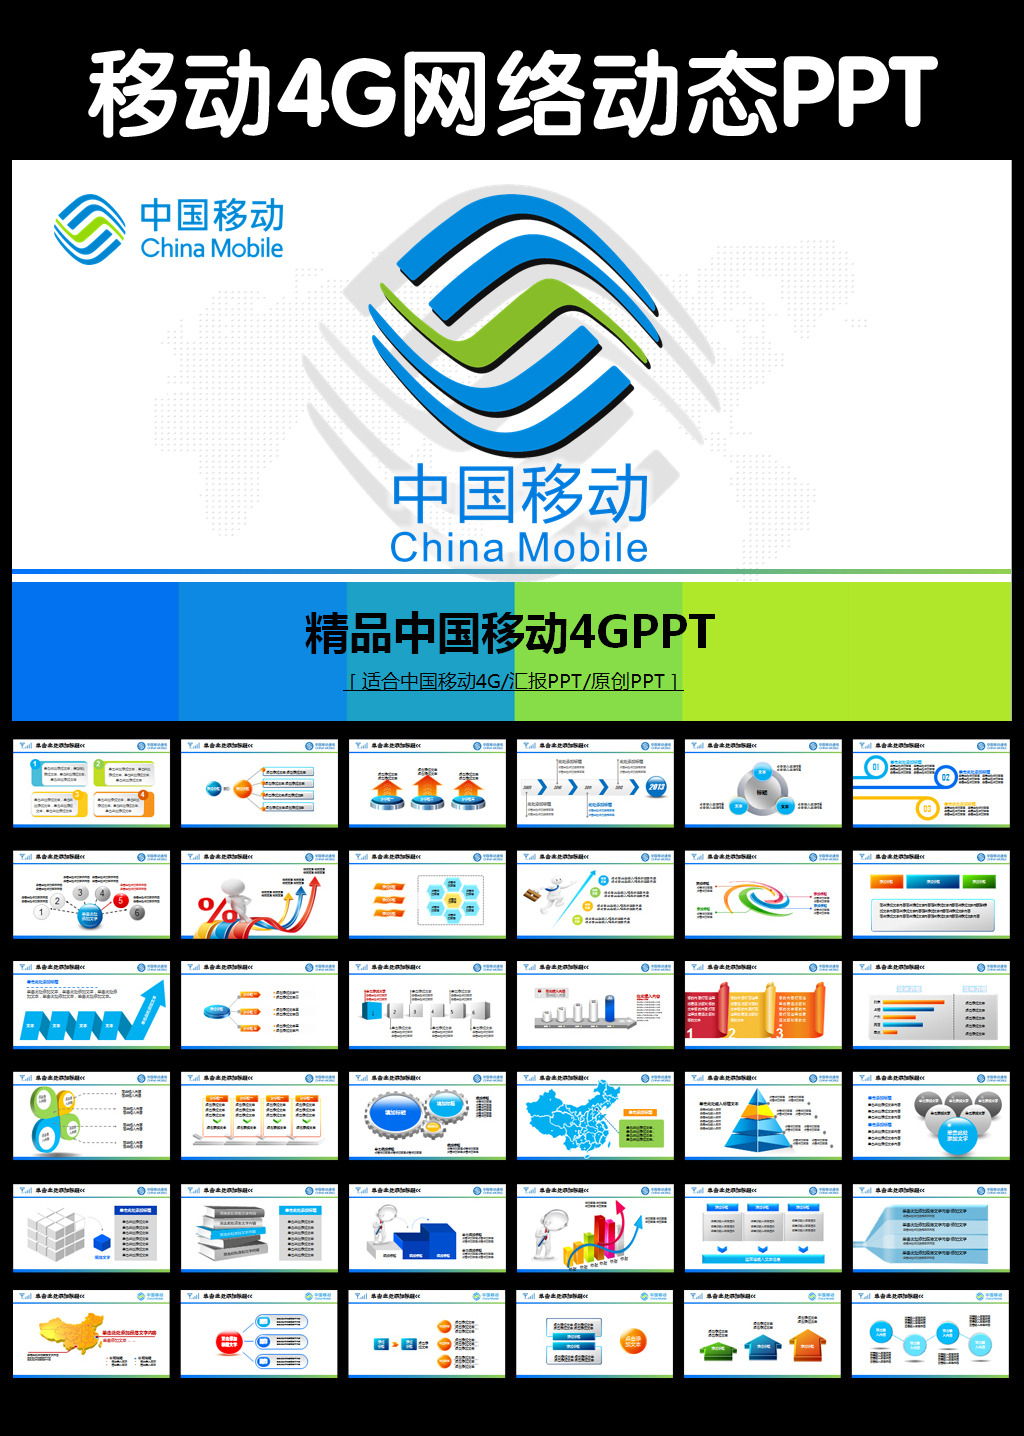 中国移动通信4g网络动态ppt模板